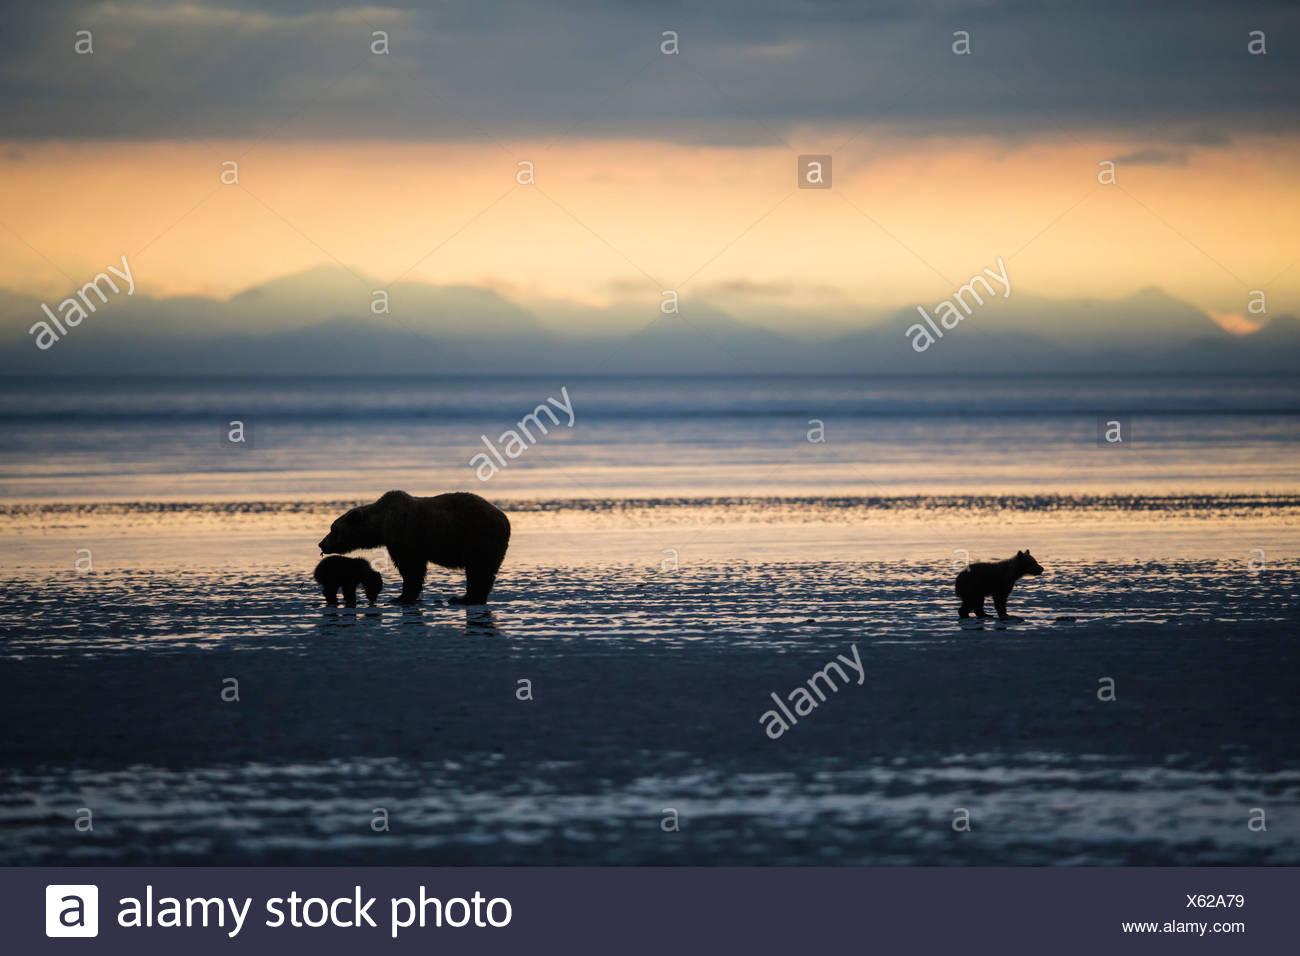 USA, Alaska, Lake Clark National Park and Preserve, Braunbär mit jungen auf der Suche nach Muscheln in See Stockbild